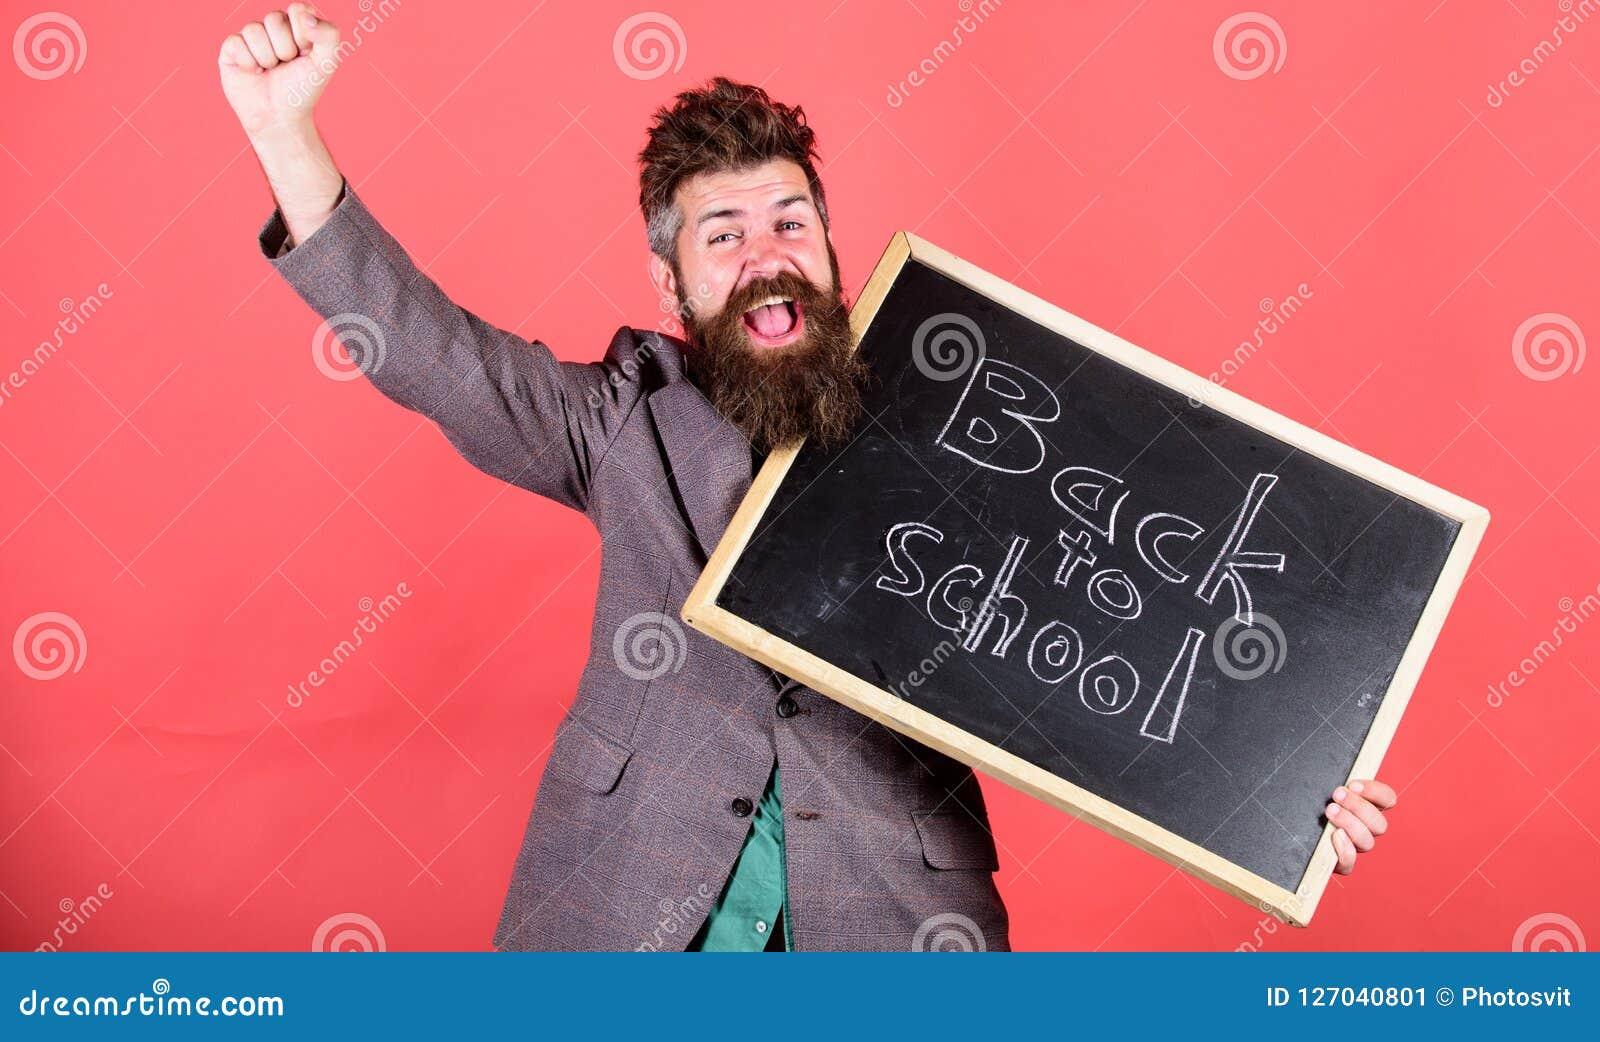 Szkoły i studiowania pojęcie Nauczyciel wita uczni szkoła podczas gdy chwyta chalkboard inskrypcja z powrotem pozytyw